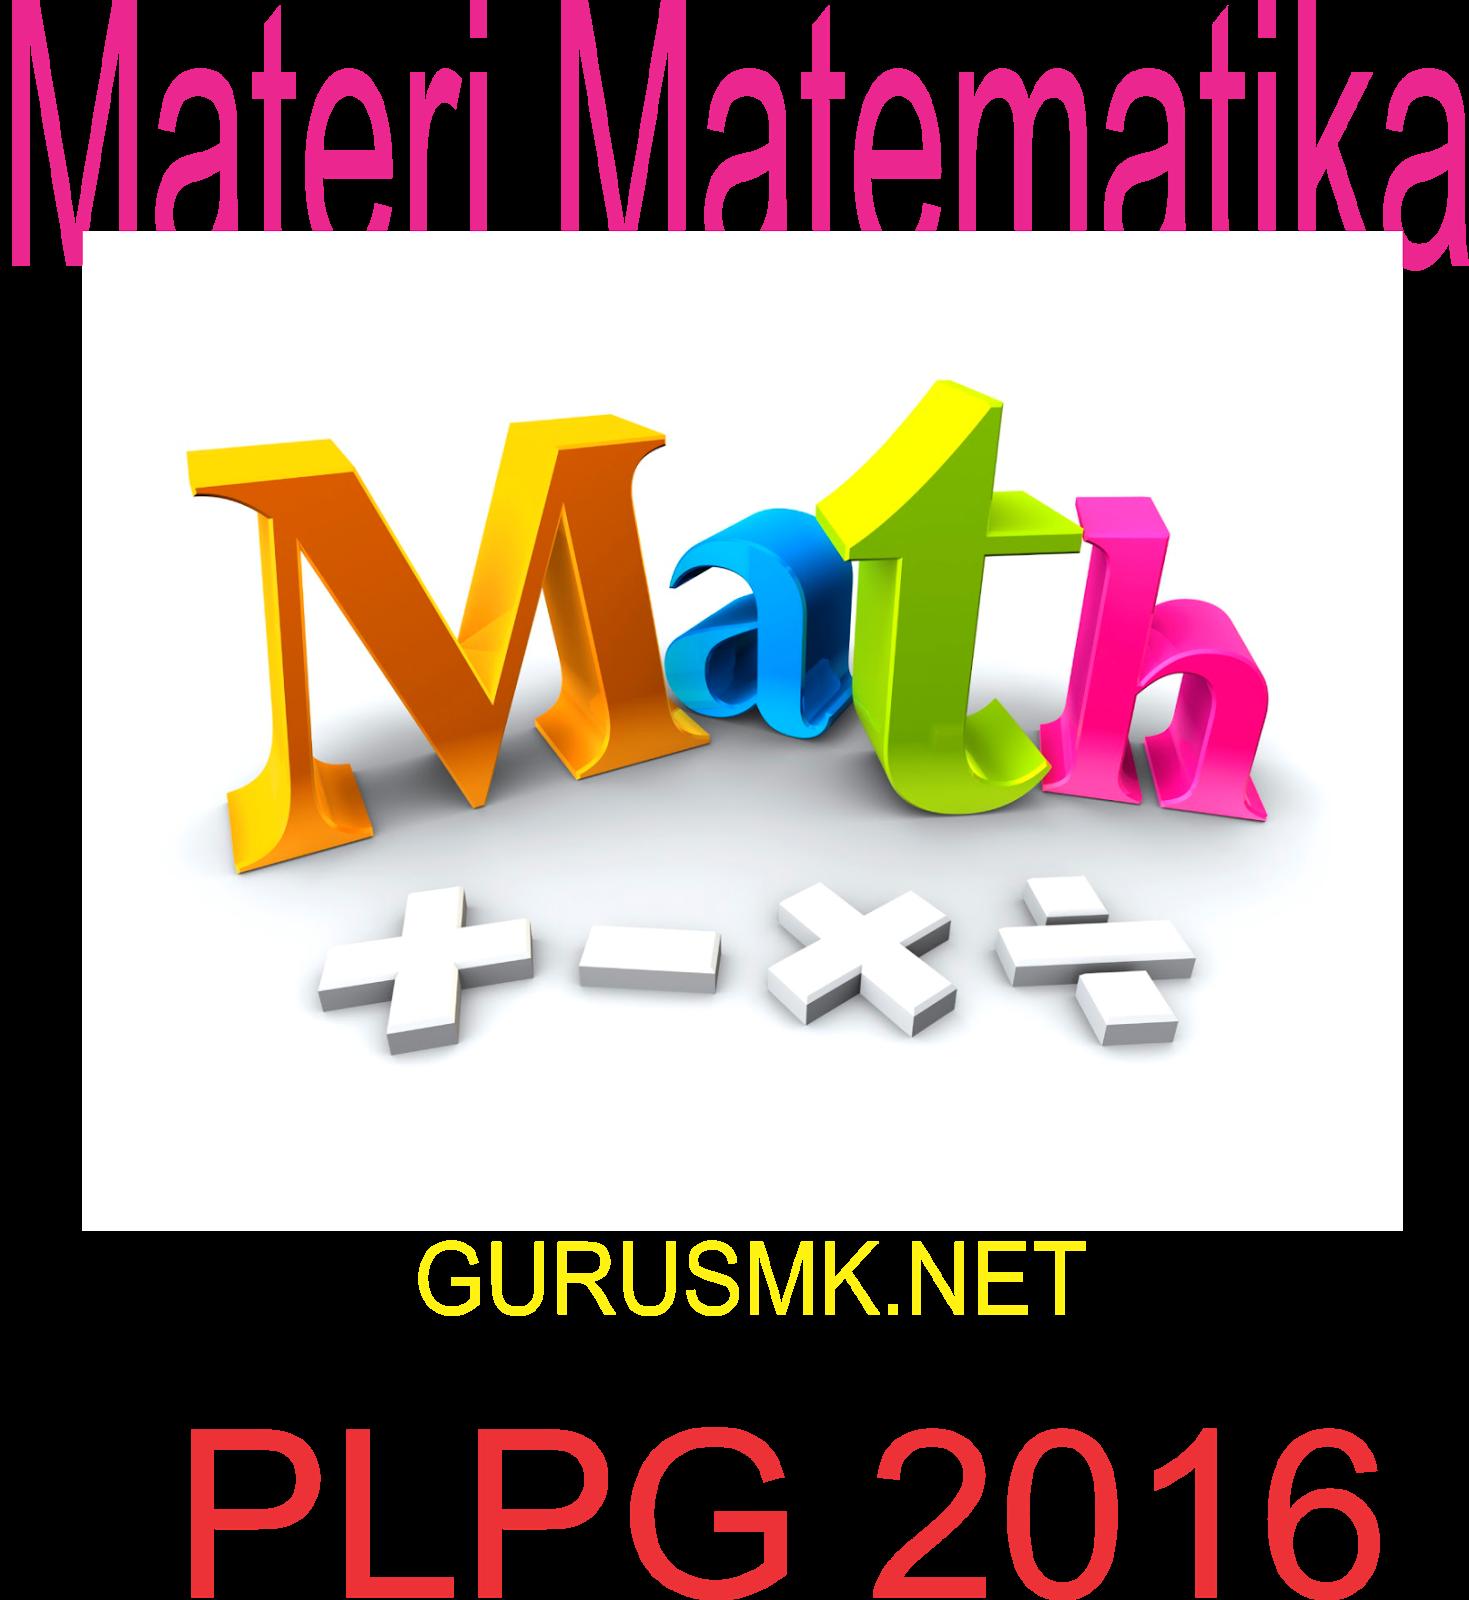 Materi Matematika Plpg 2016 Gurusmk Net